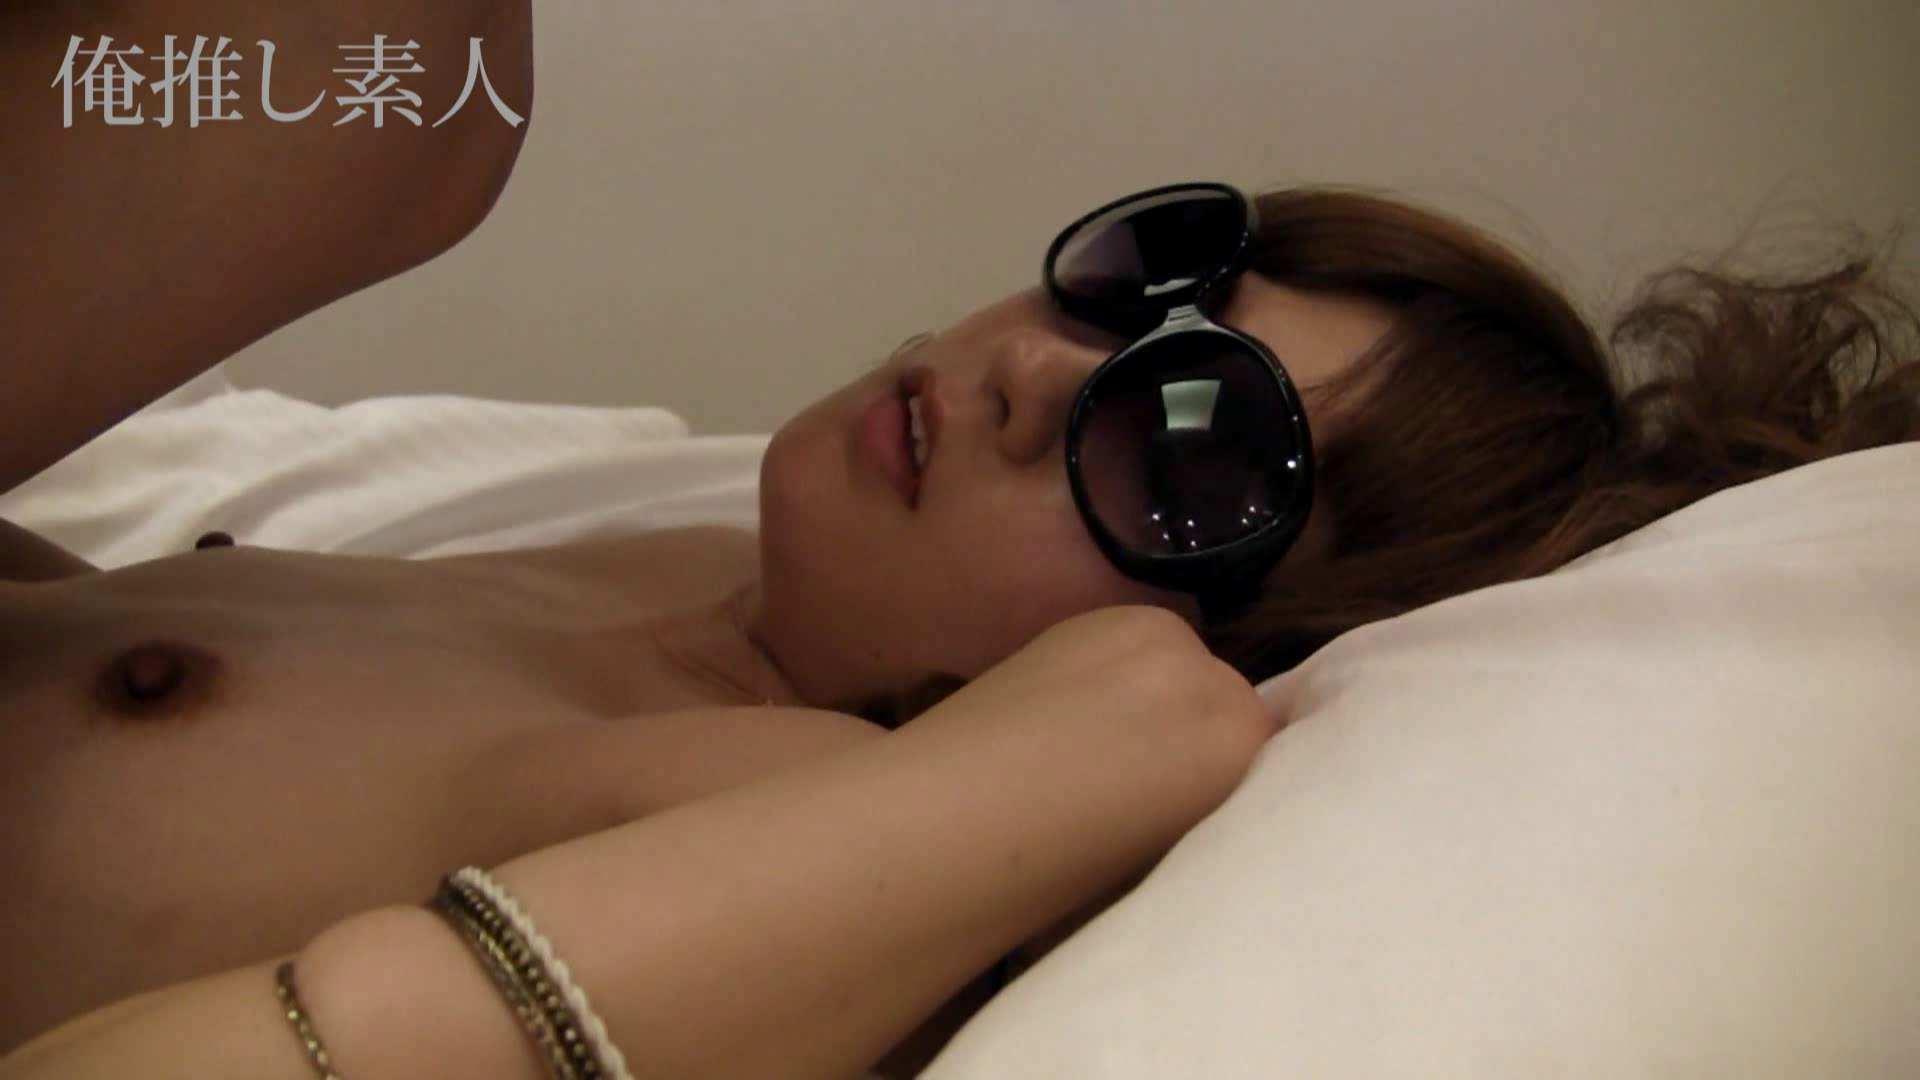 俺推し素人 キャバクラ嬢26歳久美 フェラ  98PIX 84